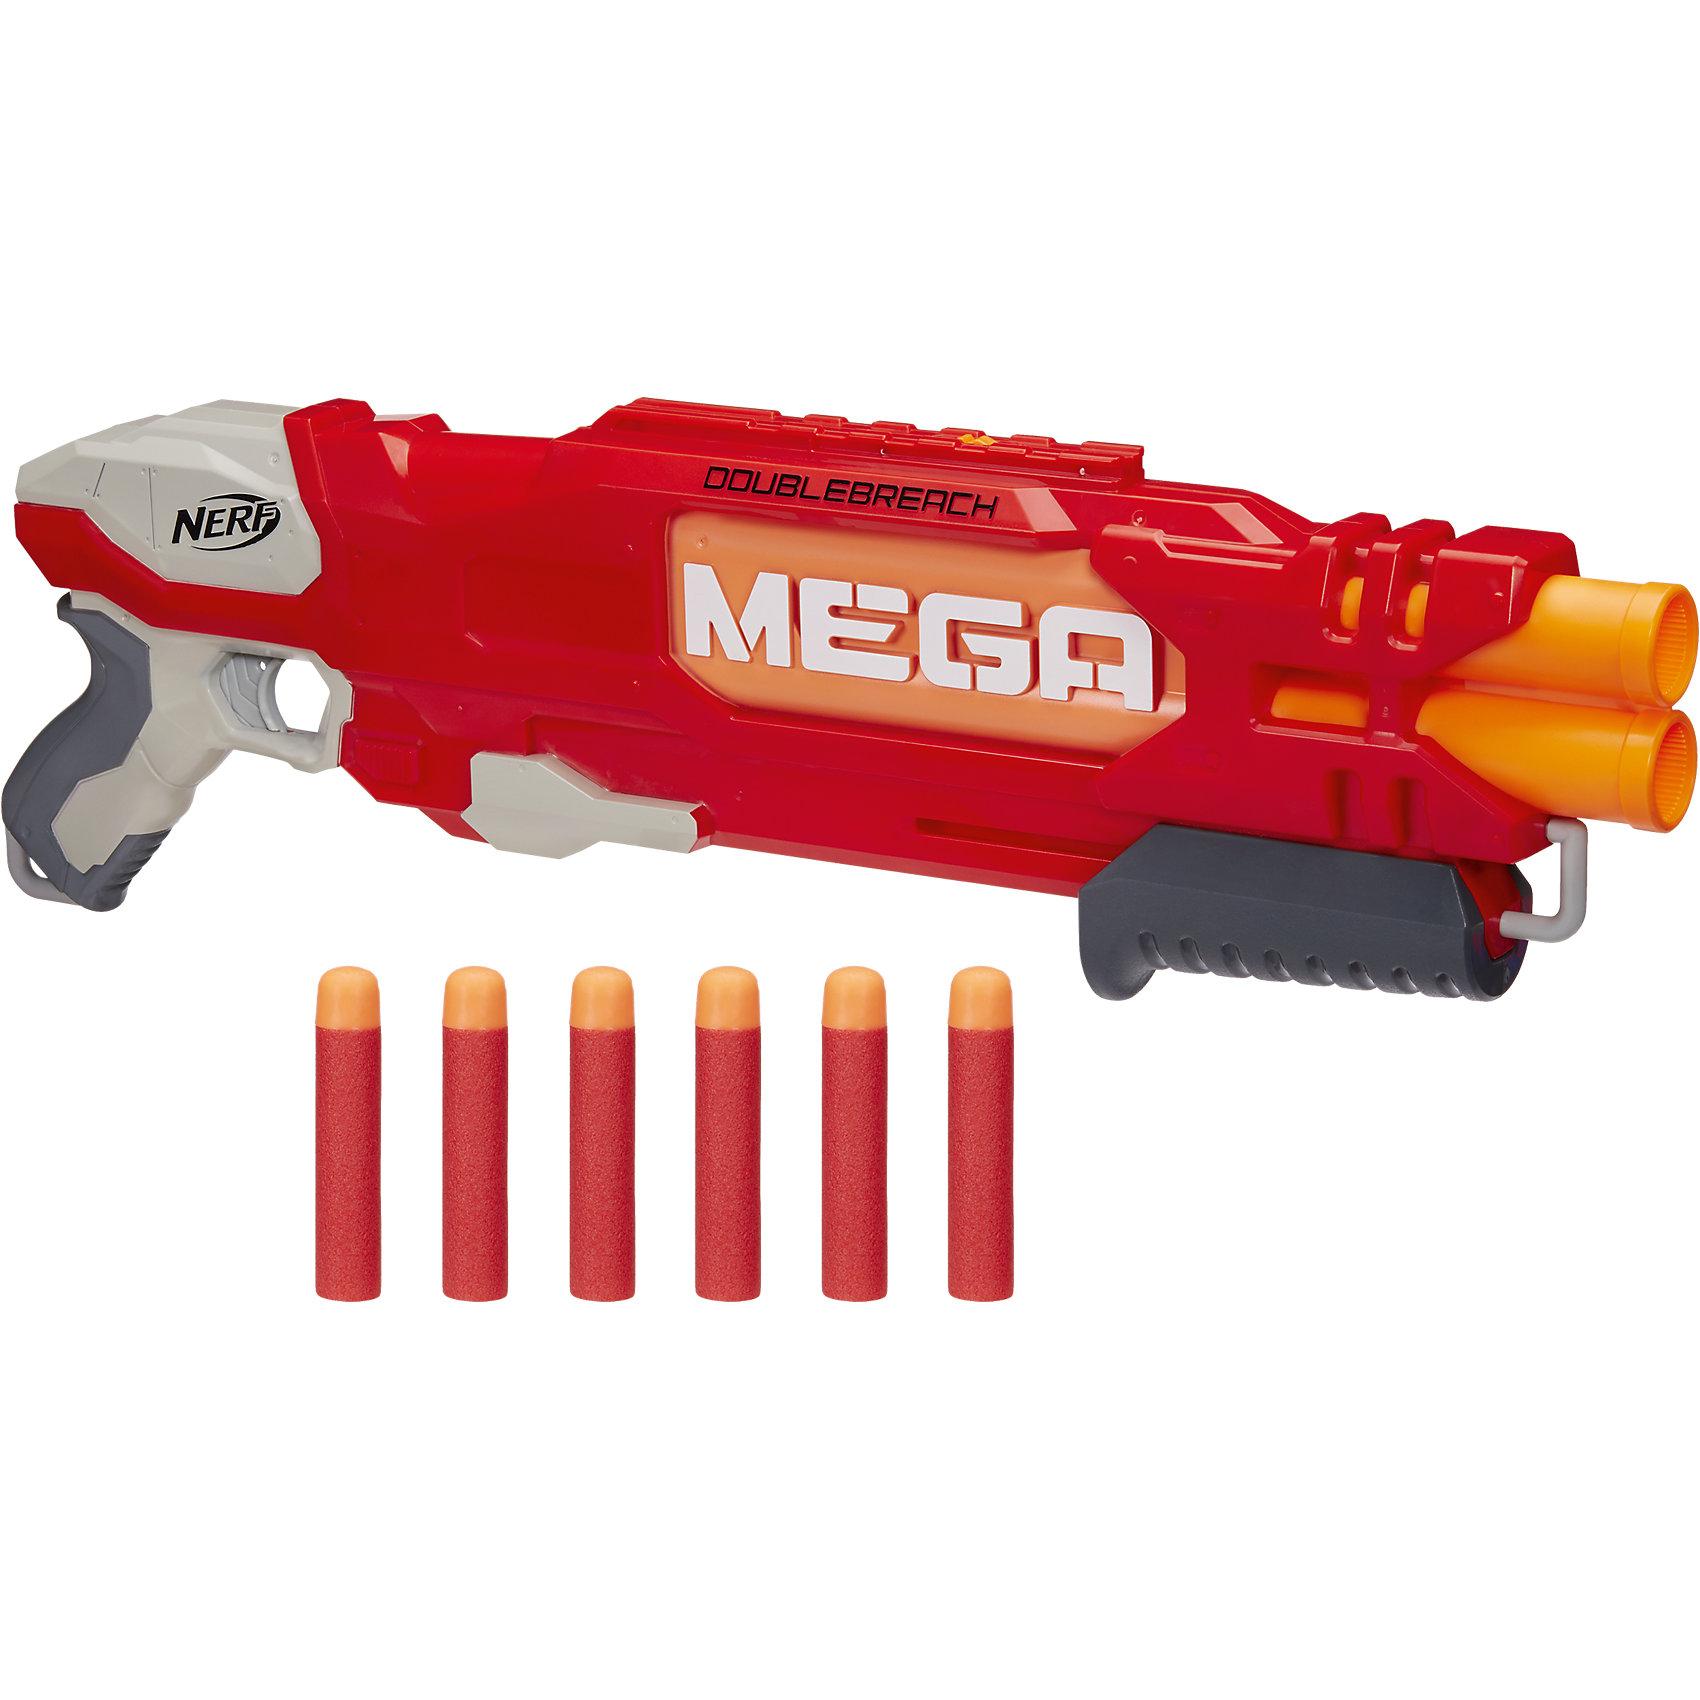 Бластер Даблбрич, Nerf, HasbroСюжетно-ролевые игры<br>Крутой бластер МЕГА, который может стрелять одной или одновременно двумя стрелами на расстояние до 26 метров!<br><br>Ширина мм: 609<br>Глубина мм: 309<br>Высота мм: 63<br>Вес г: 1020<br>Возраст от месяцев: 96<br>Возраст до месяцев: 144<br>Пол: Мужской<br>Возраст: Детский<br>SKU: 5104314